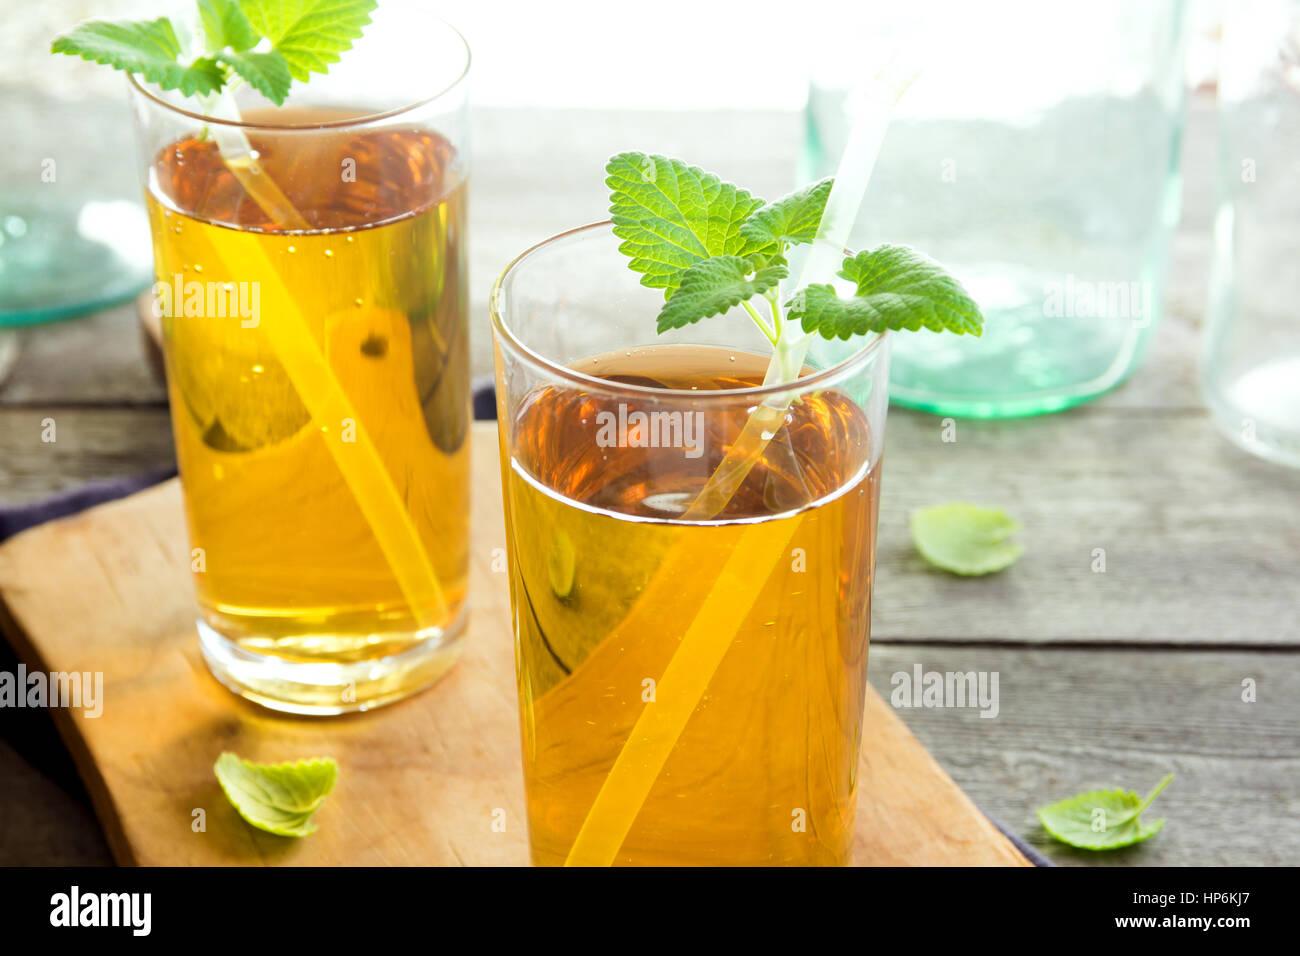 Kombucha Tee super Essen pro biotische Getränke in Gläsern mit Minze ...